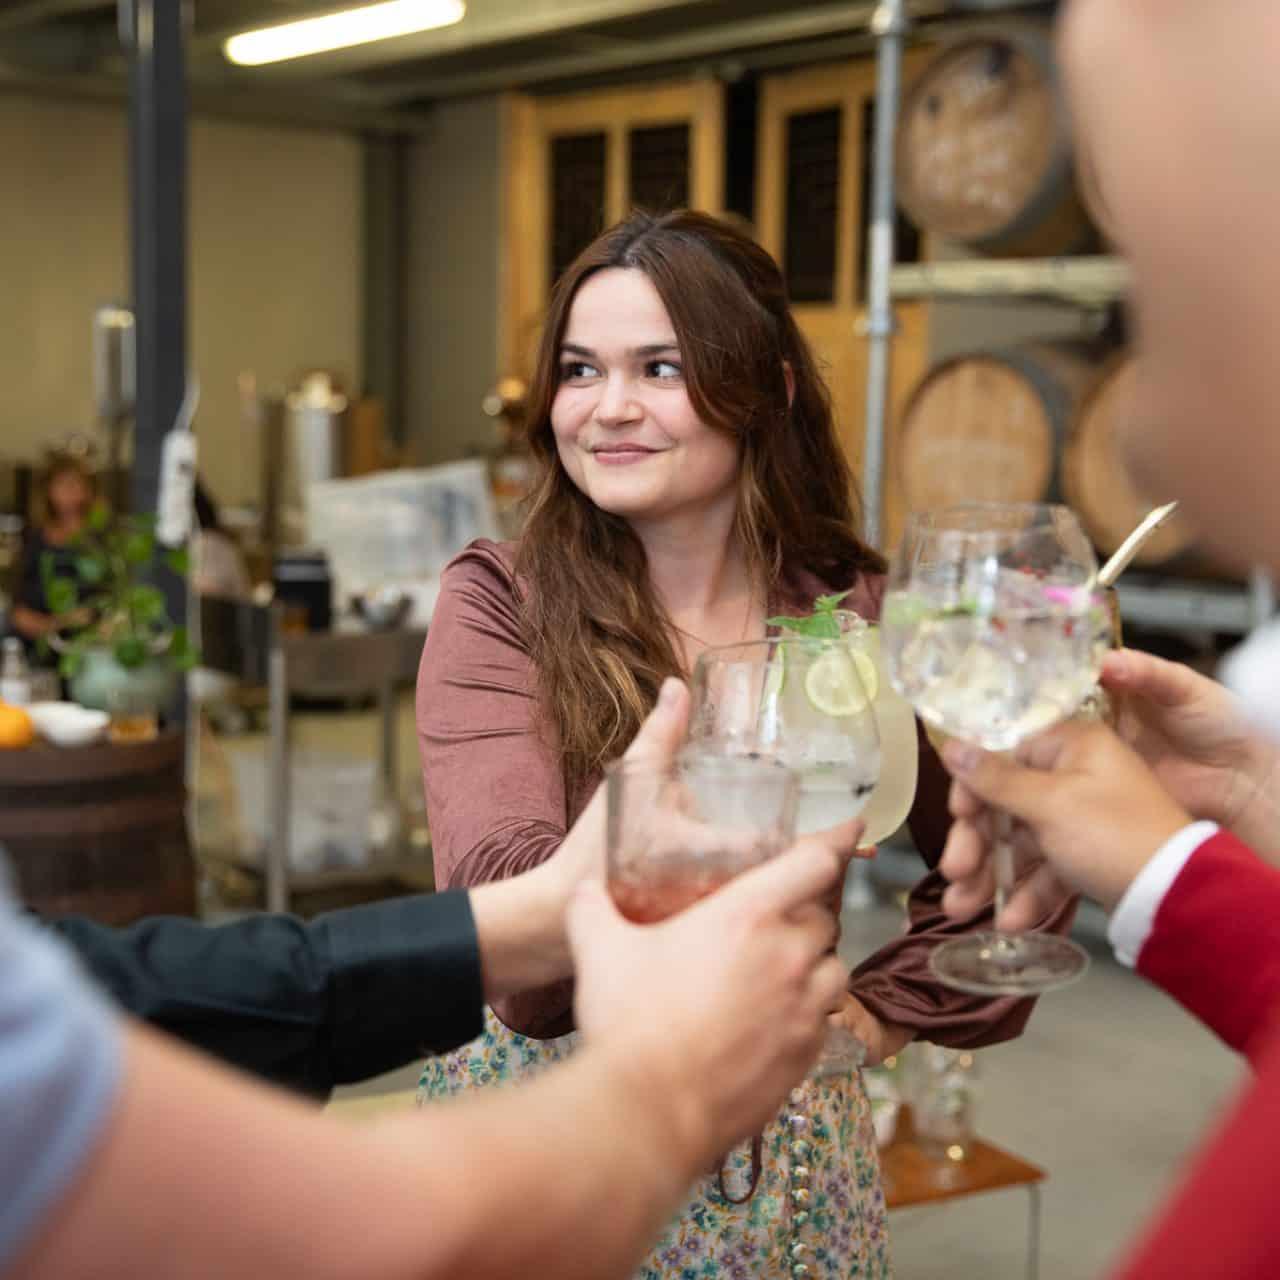 Groepsdegustatie met vrienden of collega's van sterke dranken bij Sterkstokers